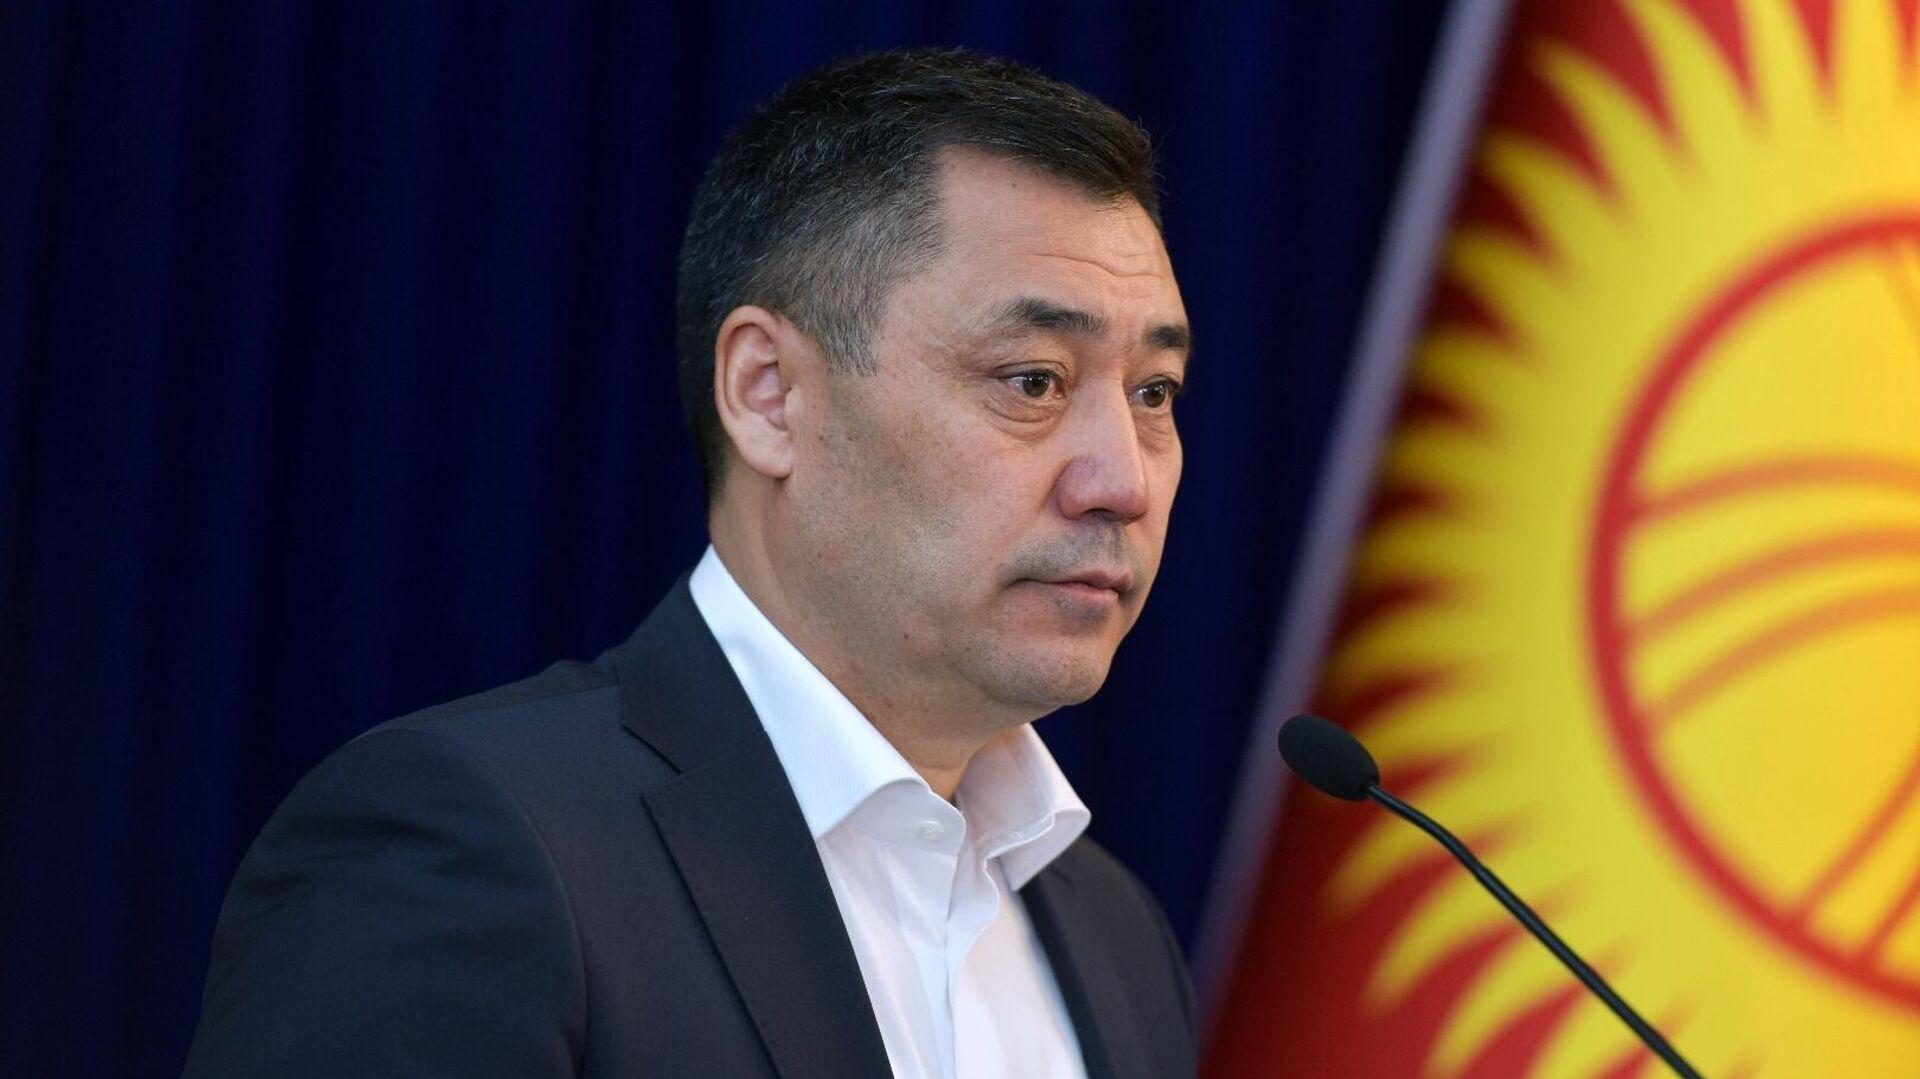 Новоизбранный премьер-министр Садыр Жапаров на внеочередном заседании парламента Киргизии - РИА Новости, 1920, 19.10.2020